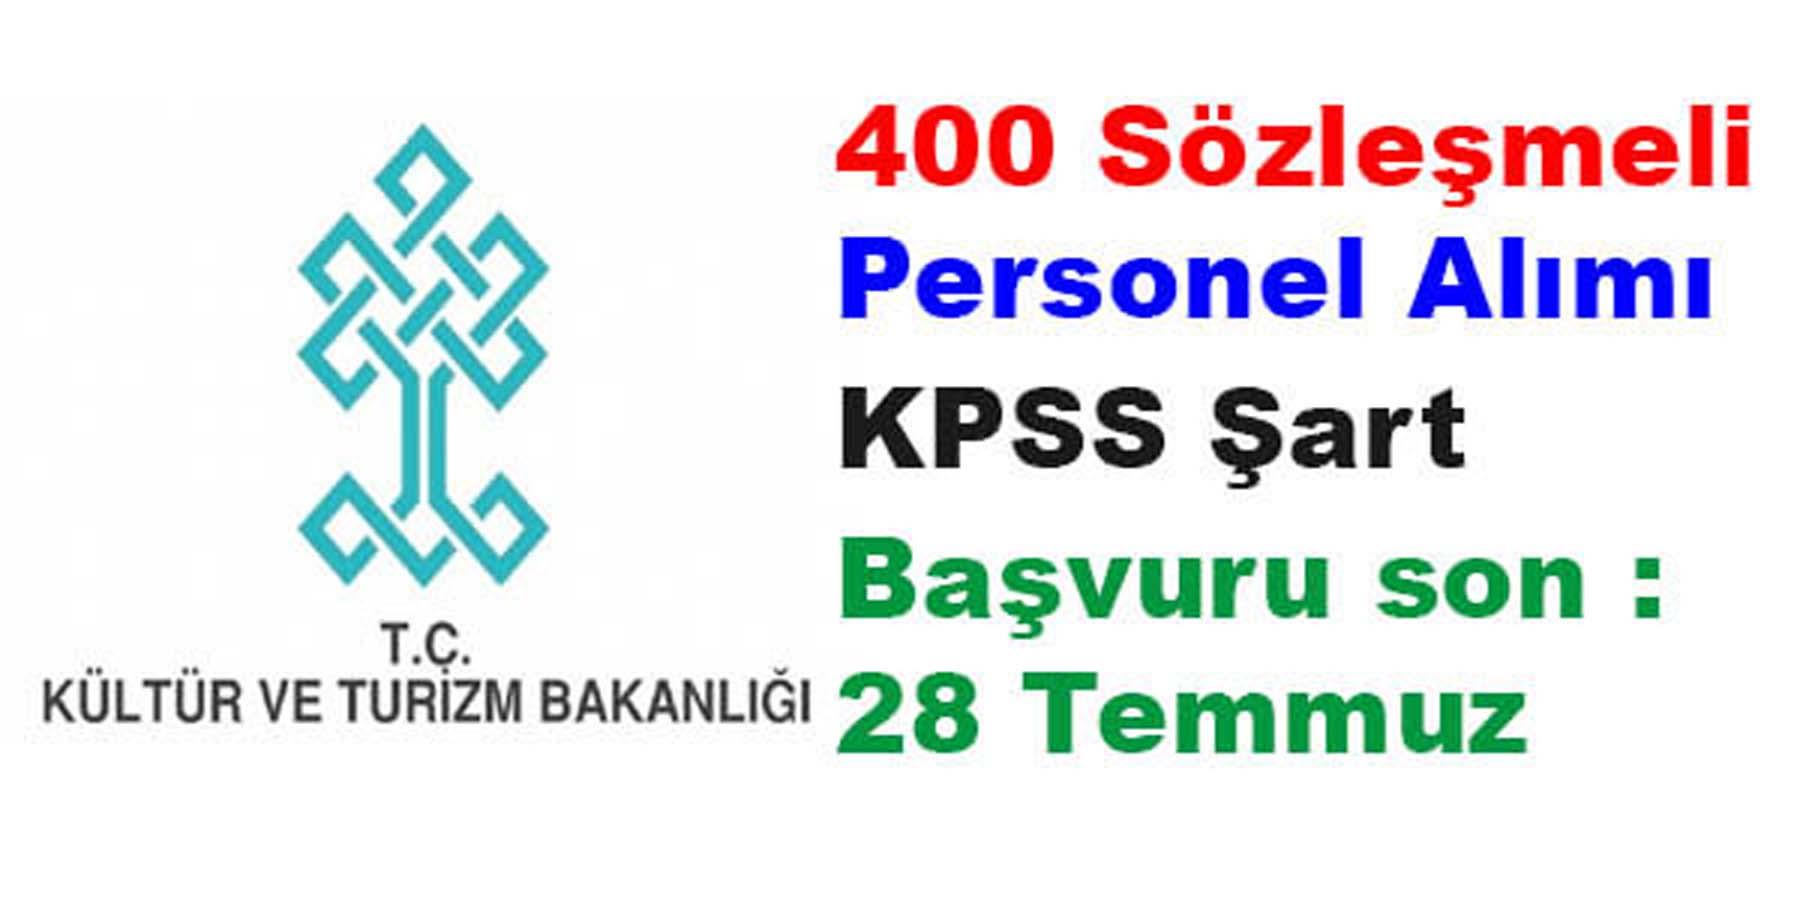 Kültür ve Turizm Bakanlığı Sözleşmeli 400 Personel Alımı